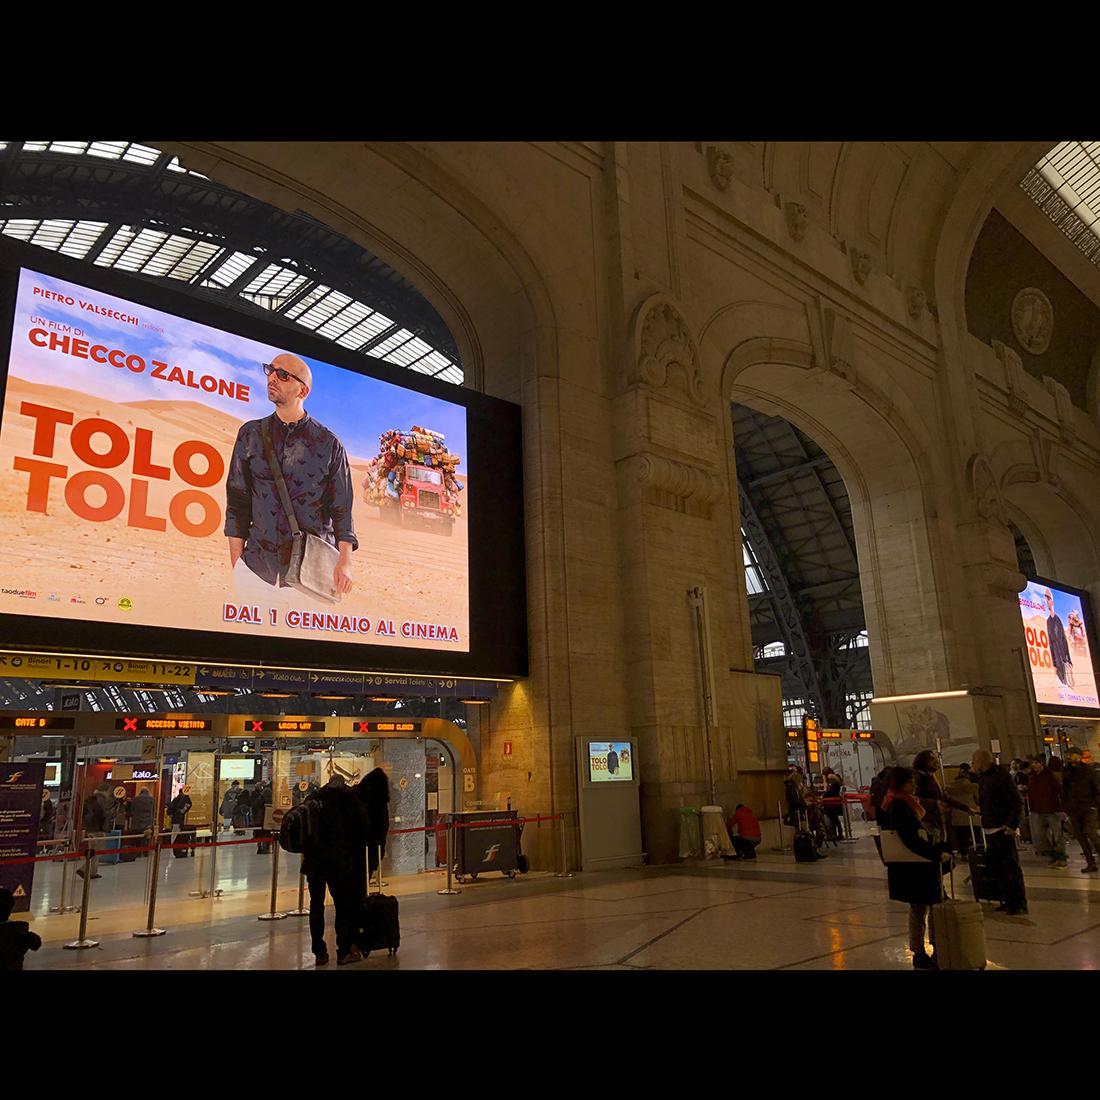 tolo_tolo_stazione